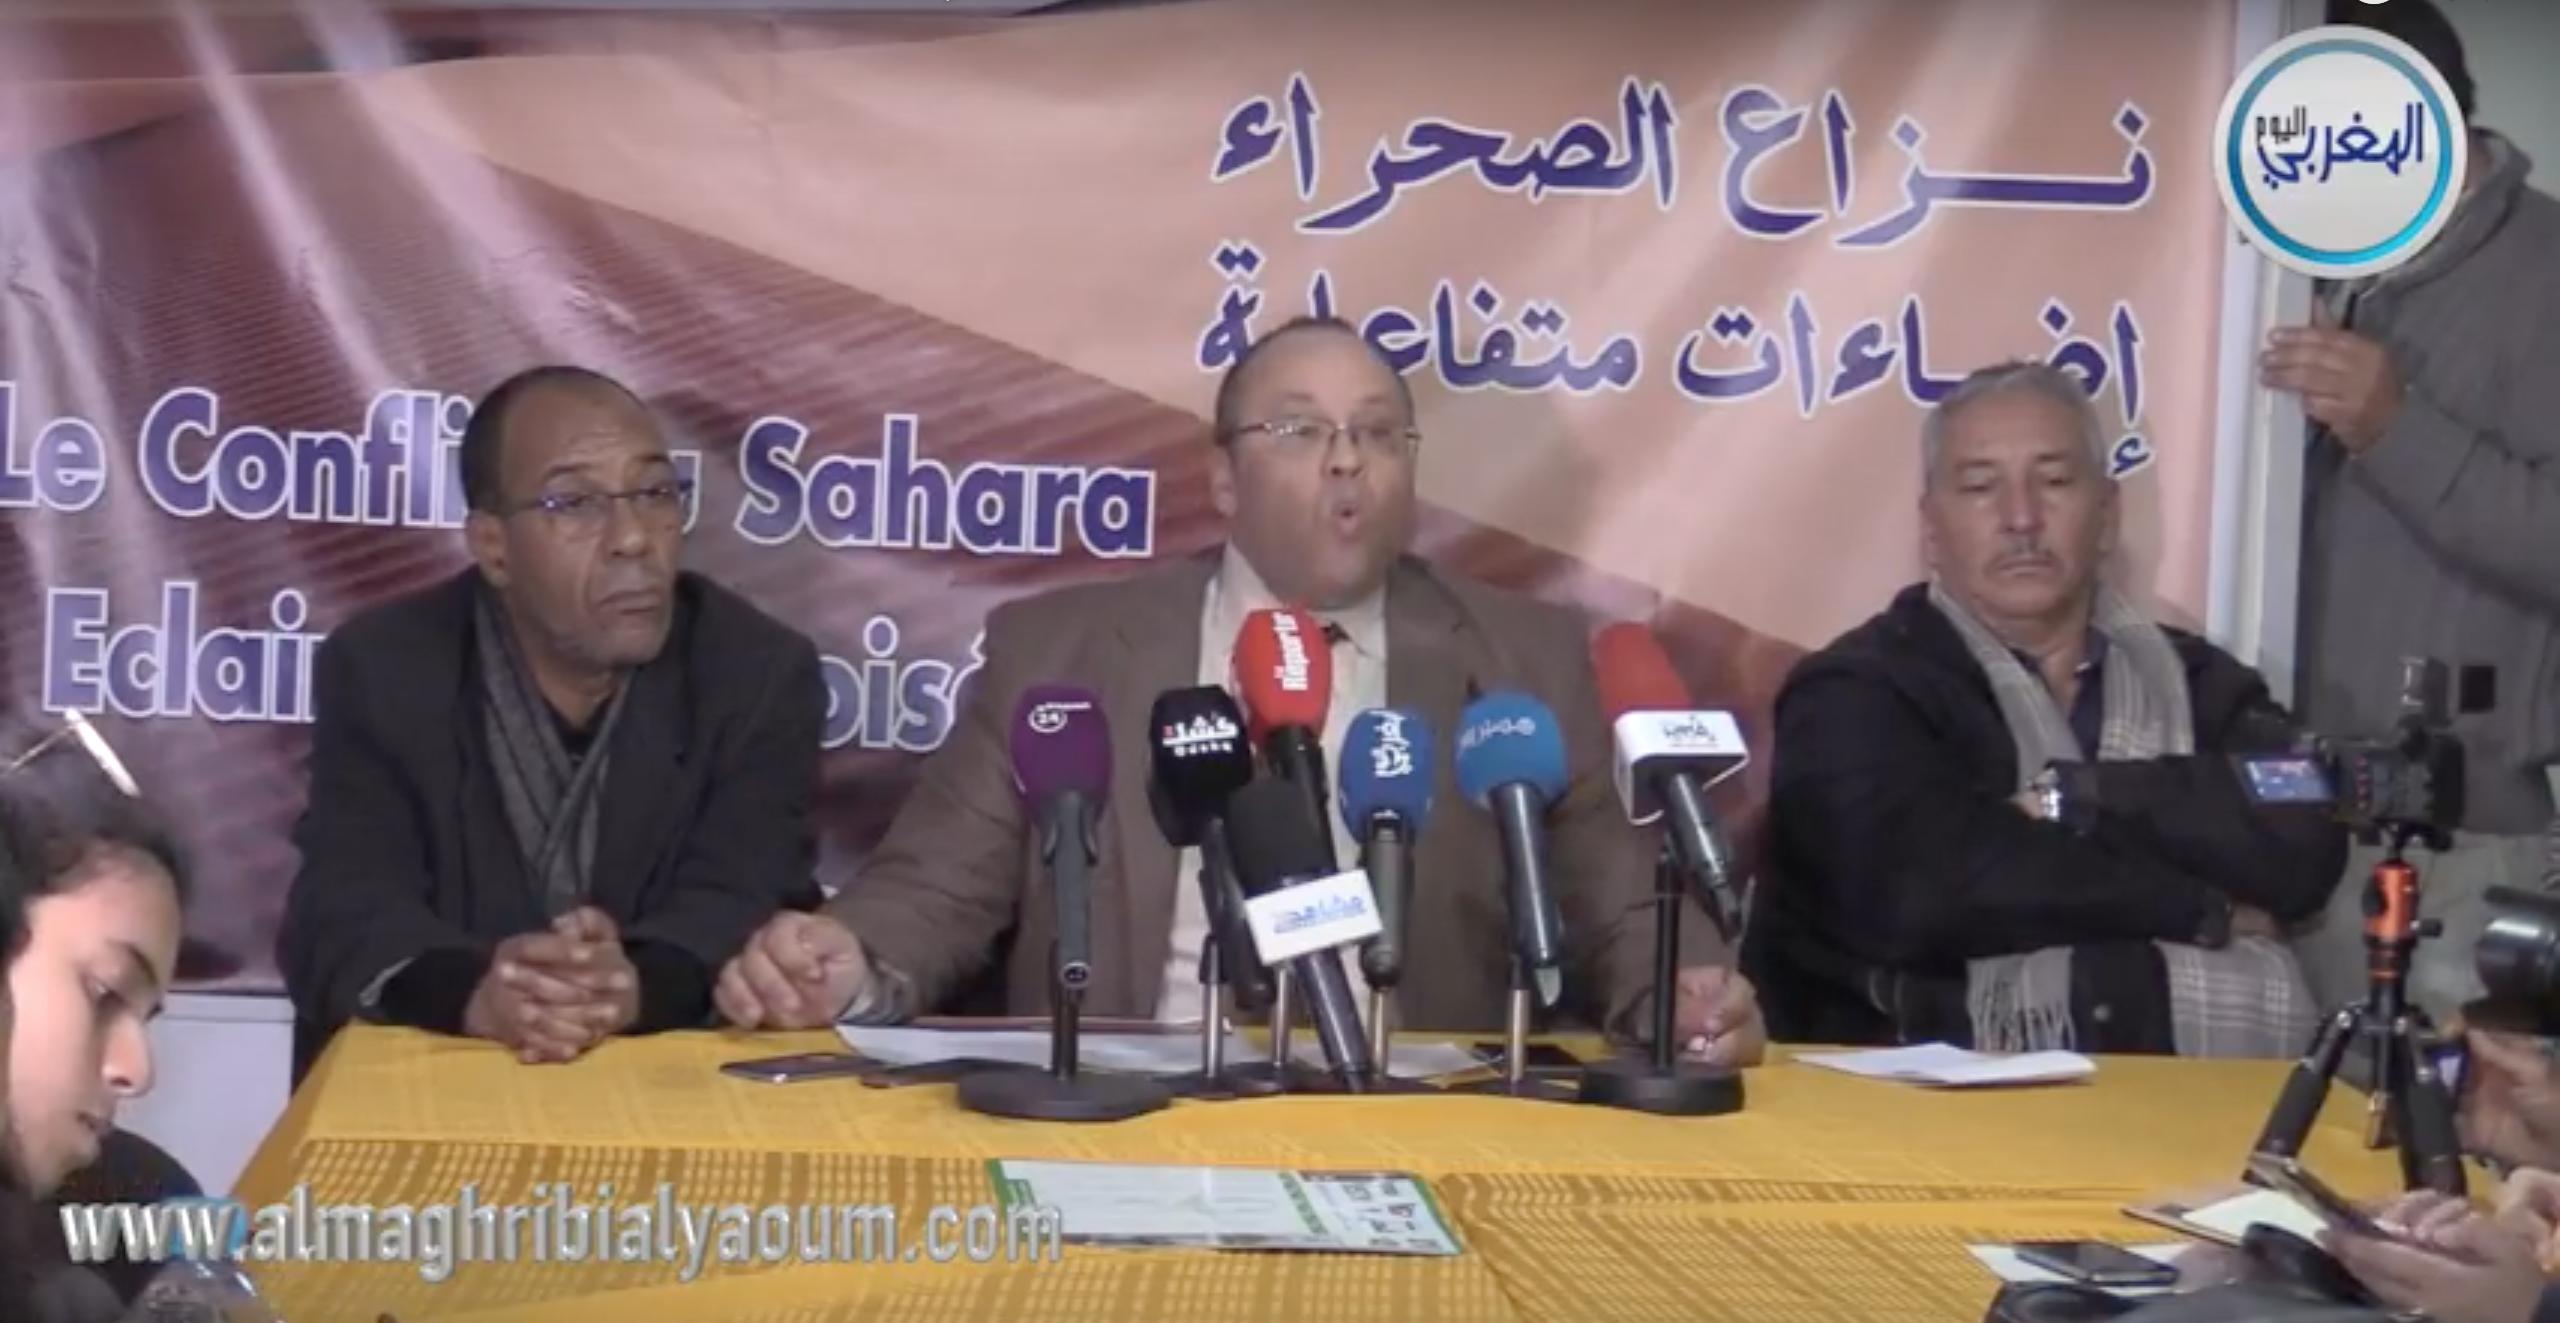 بالفيديو… الدريدي : نطالب بحماية ضحايا توفيق بوعشرين من التهديدات